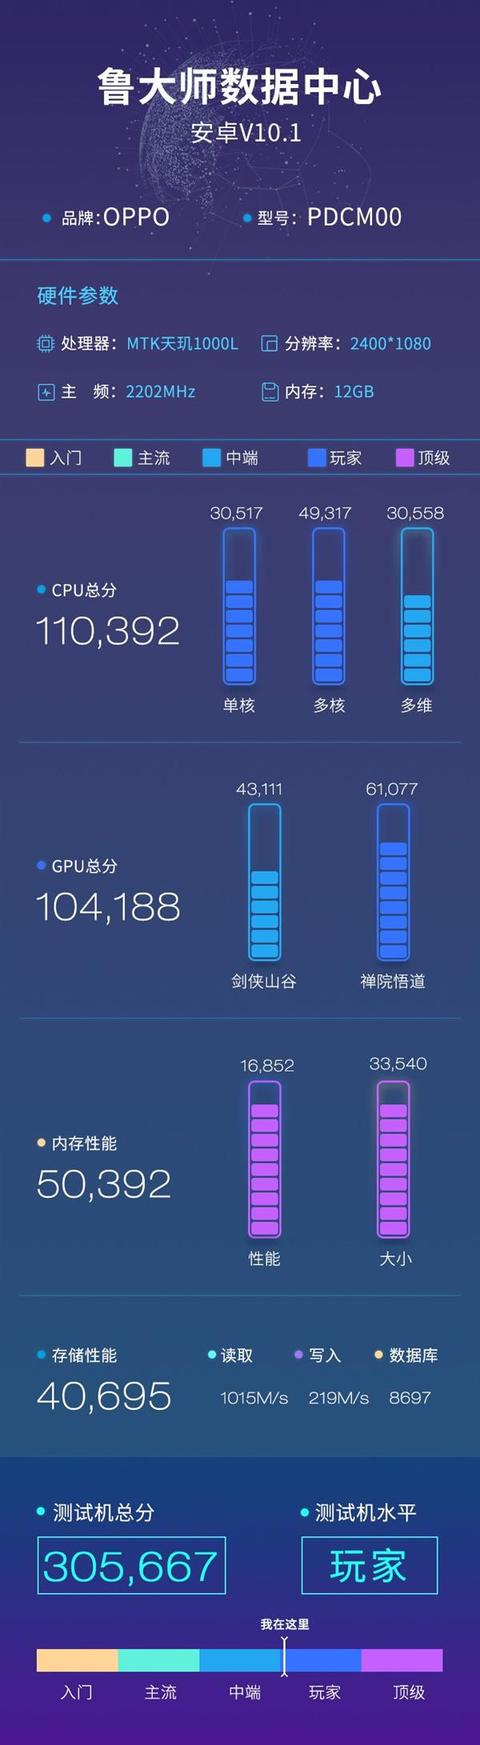 红米9将发布,骁龙765G、联发科天玑1000L鲁大师跑分曝光